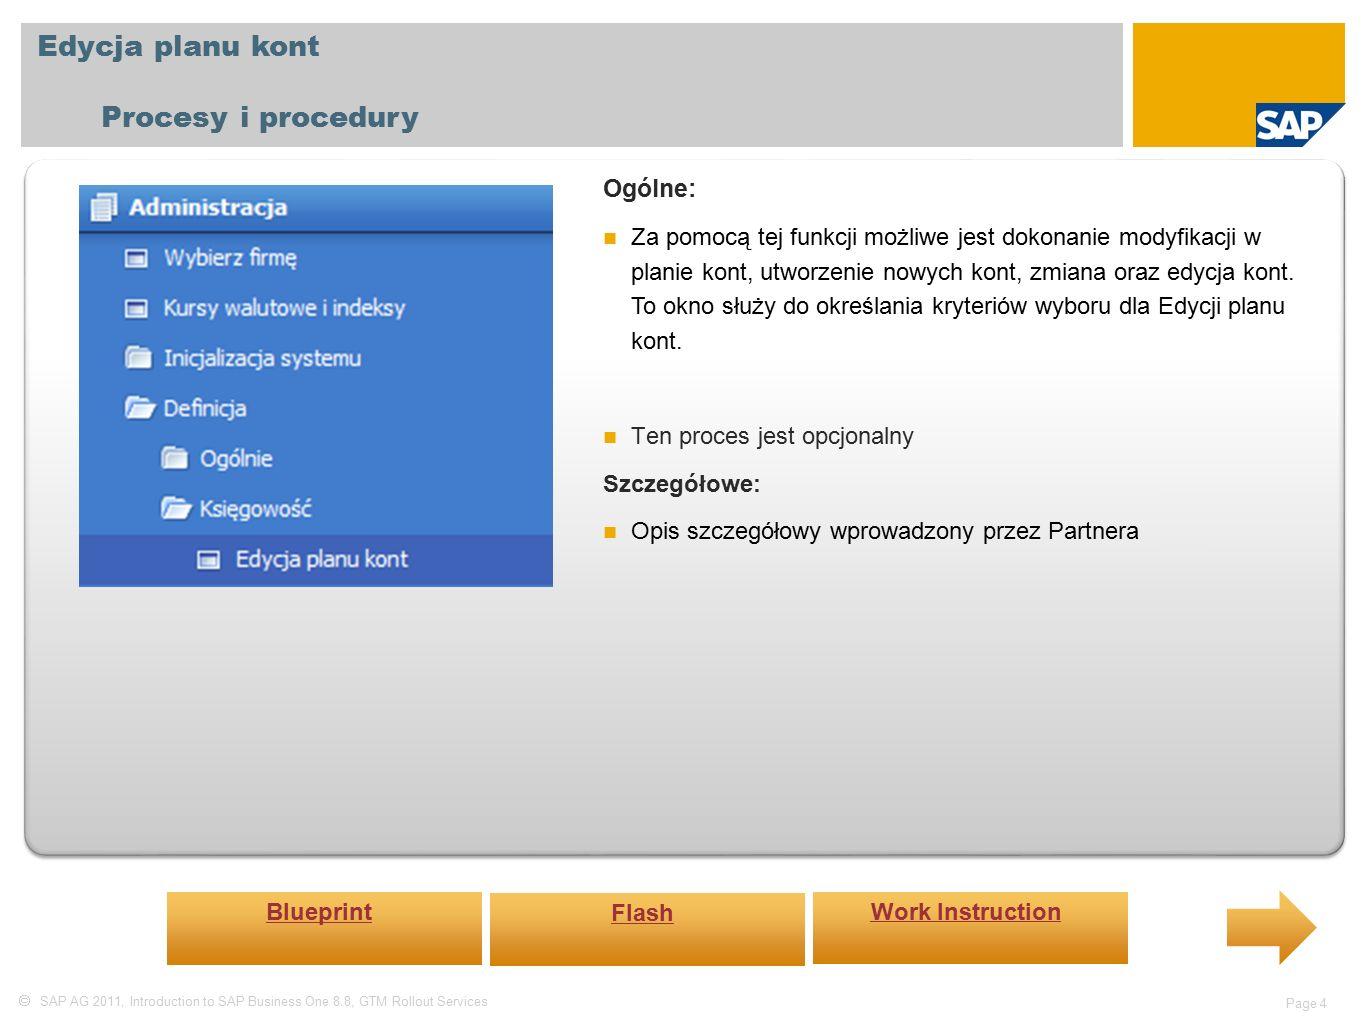  SAP AG 2011, Introduction to SAP Business One 8.8, GTM Rollout Services Page 4 Edycja planu kont Procesy i procedury Ogólne: Za pomocą tej funkcji możliwe jest dokonanie modyfikacji w planie kont, utworzenie nowych kont, zmiana oraz edycja kont.